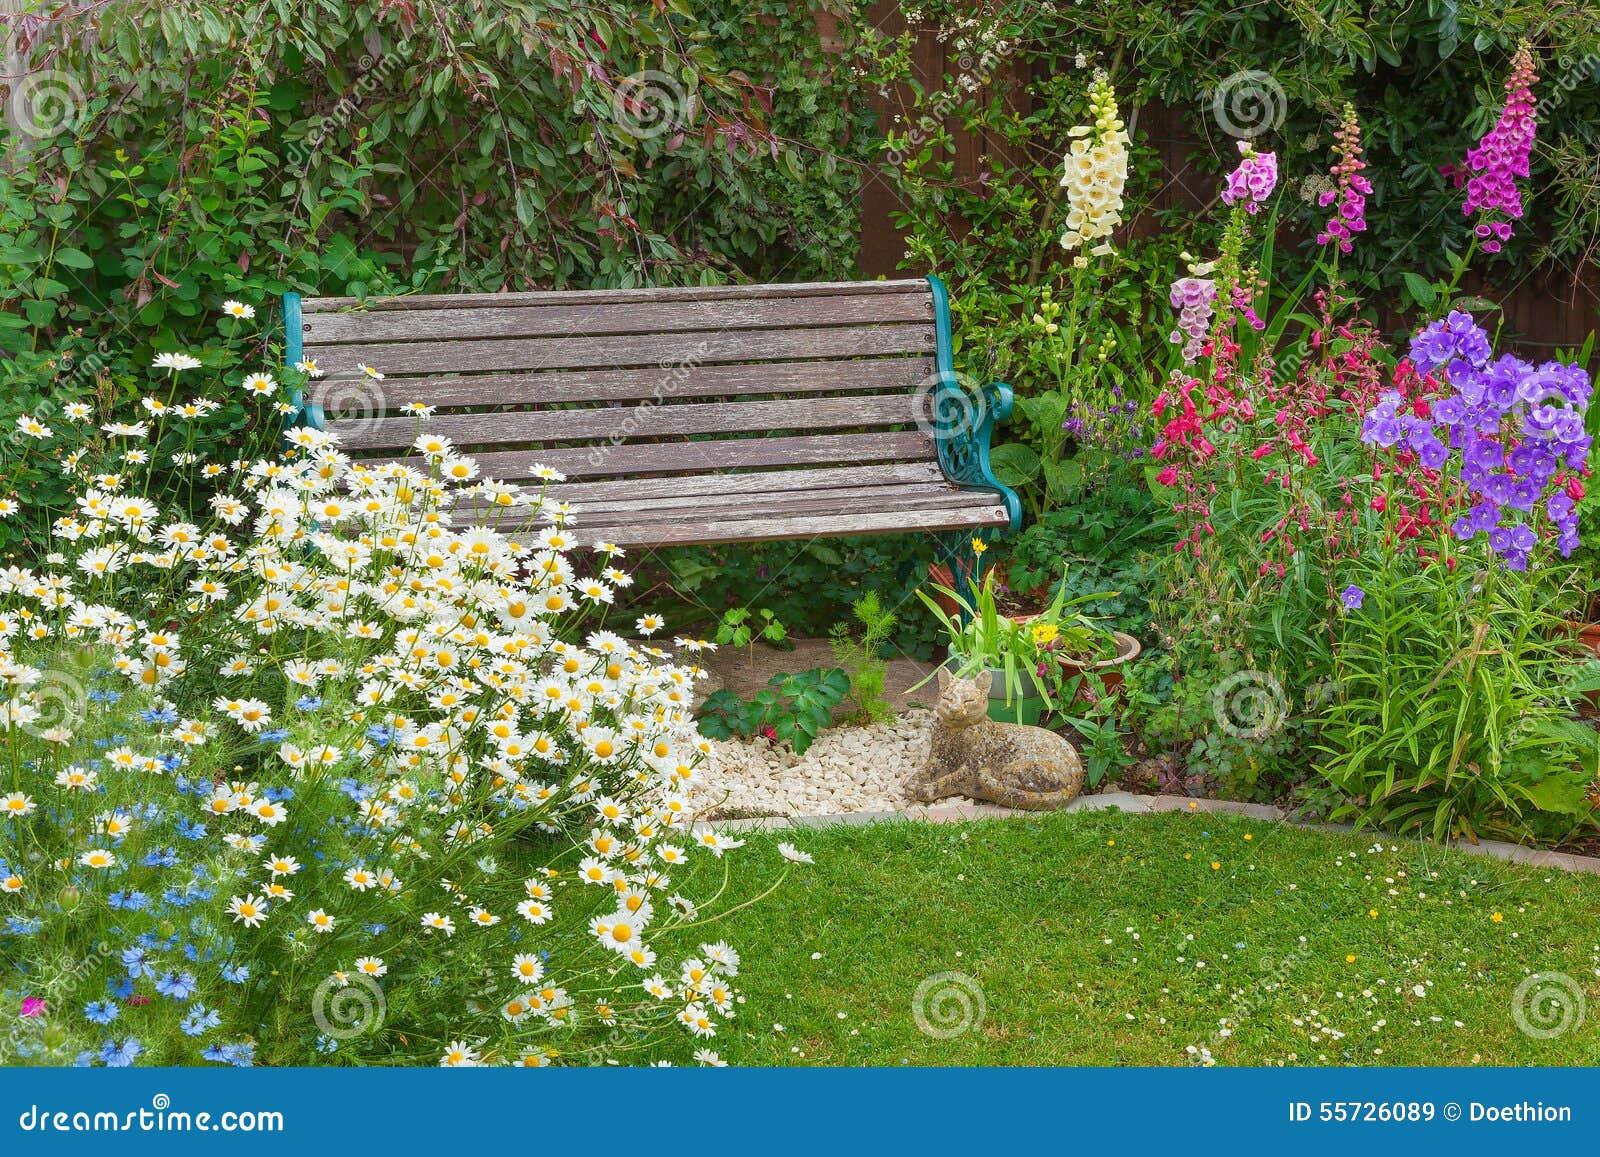 Jard n con las flores del verano y el banco de madera foto for Banco para jardin